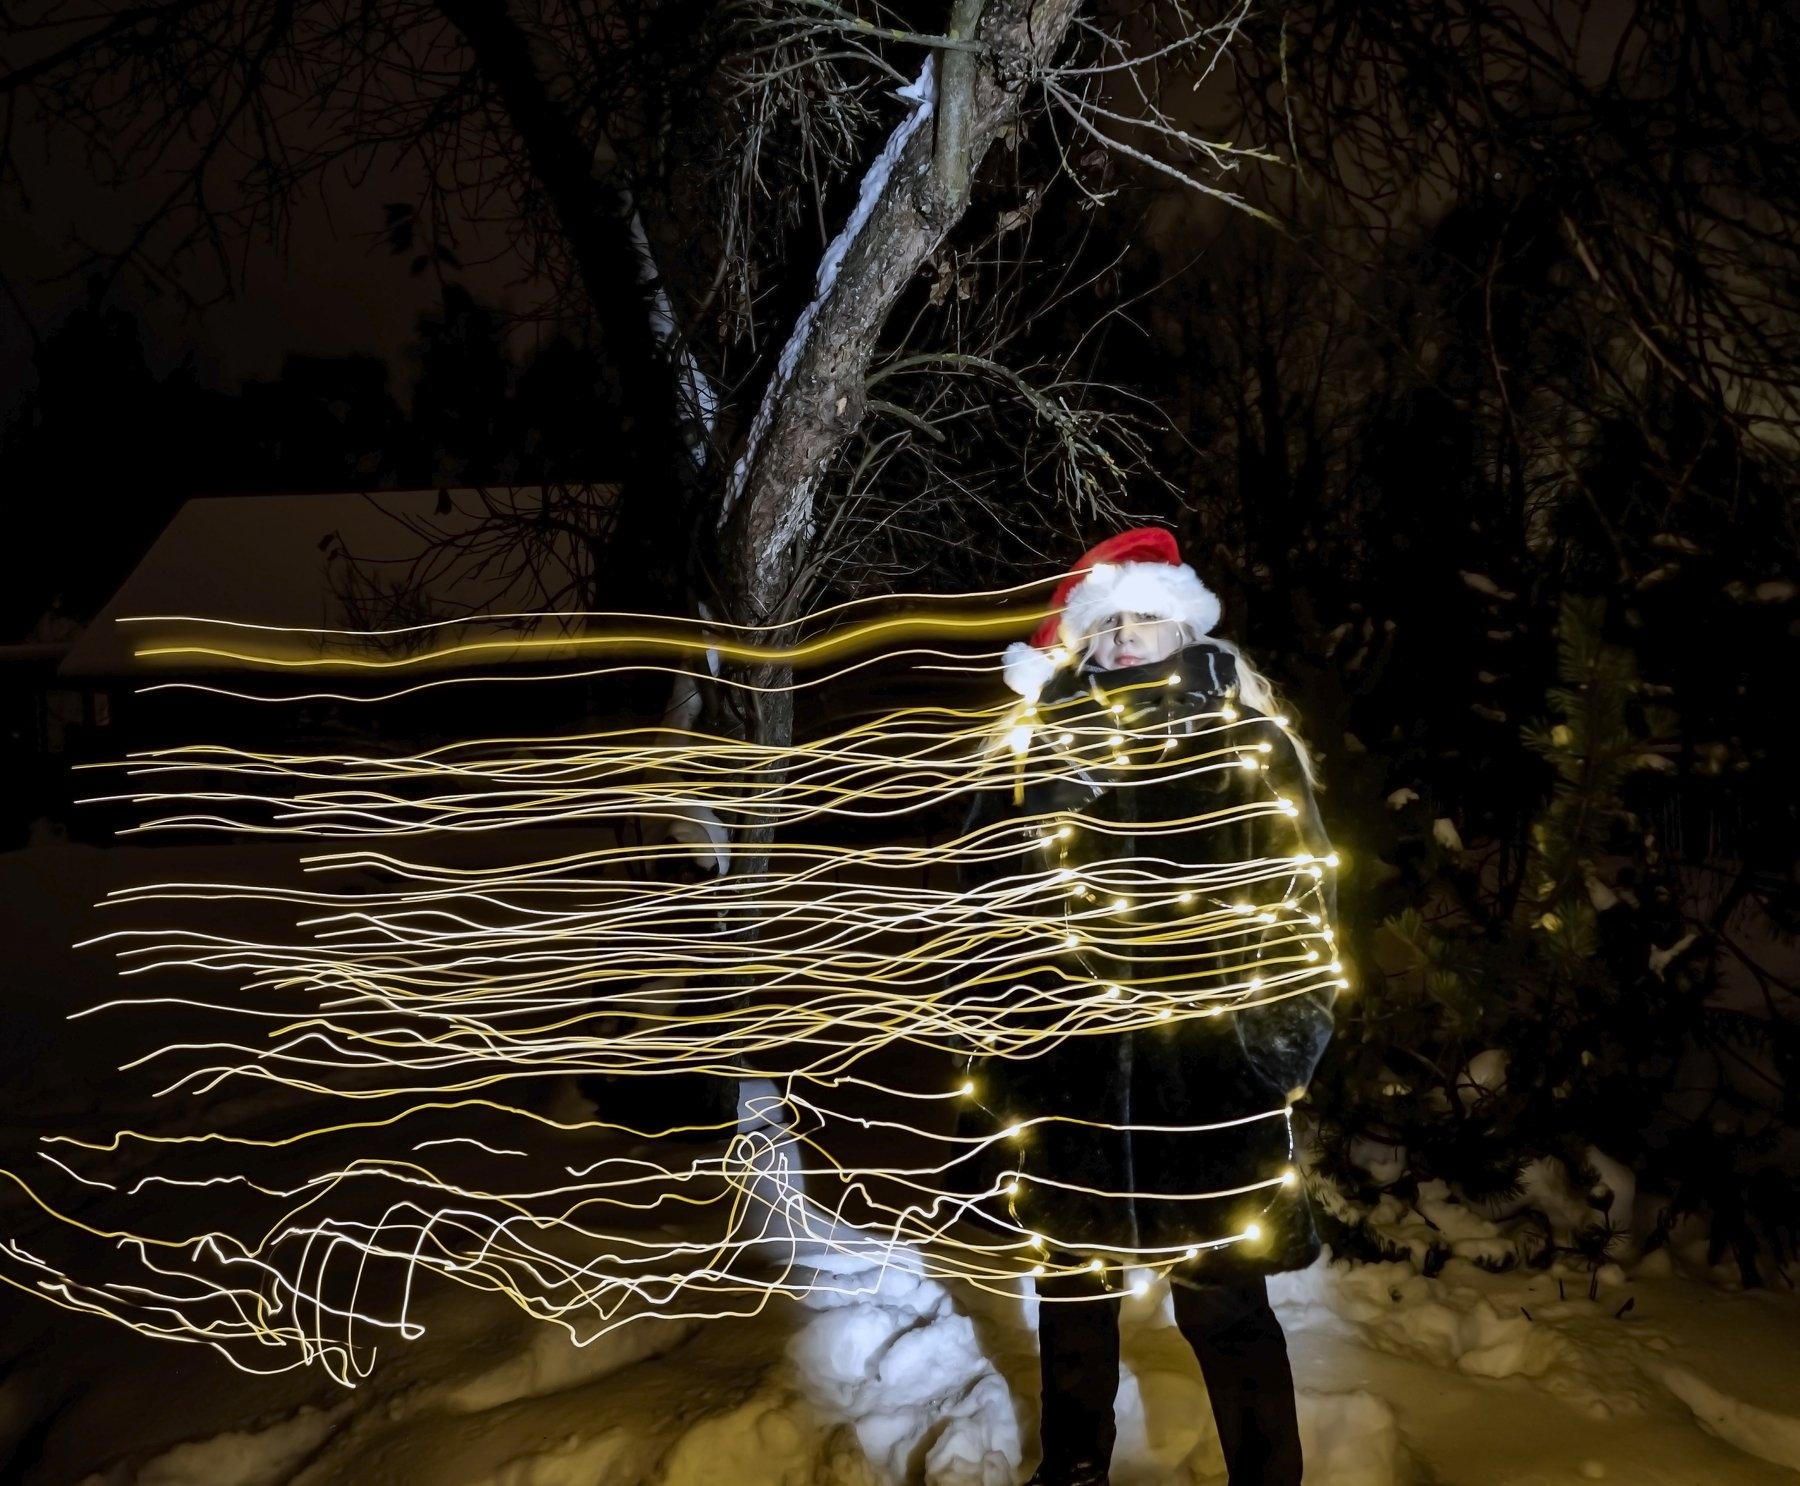 lightpainting, lightart, longexposure, nightphotography, light, night, Требухин Николай